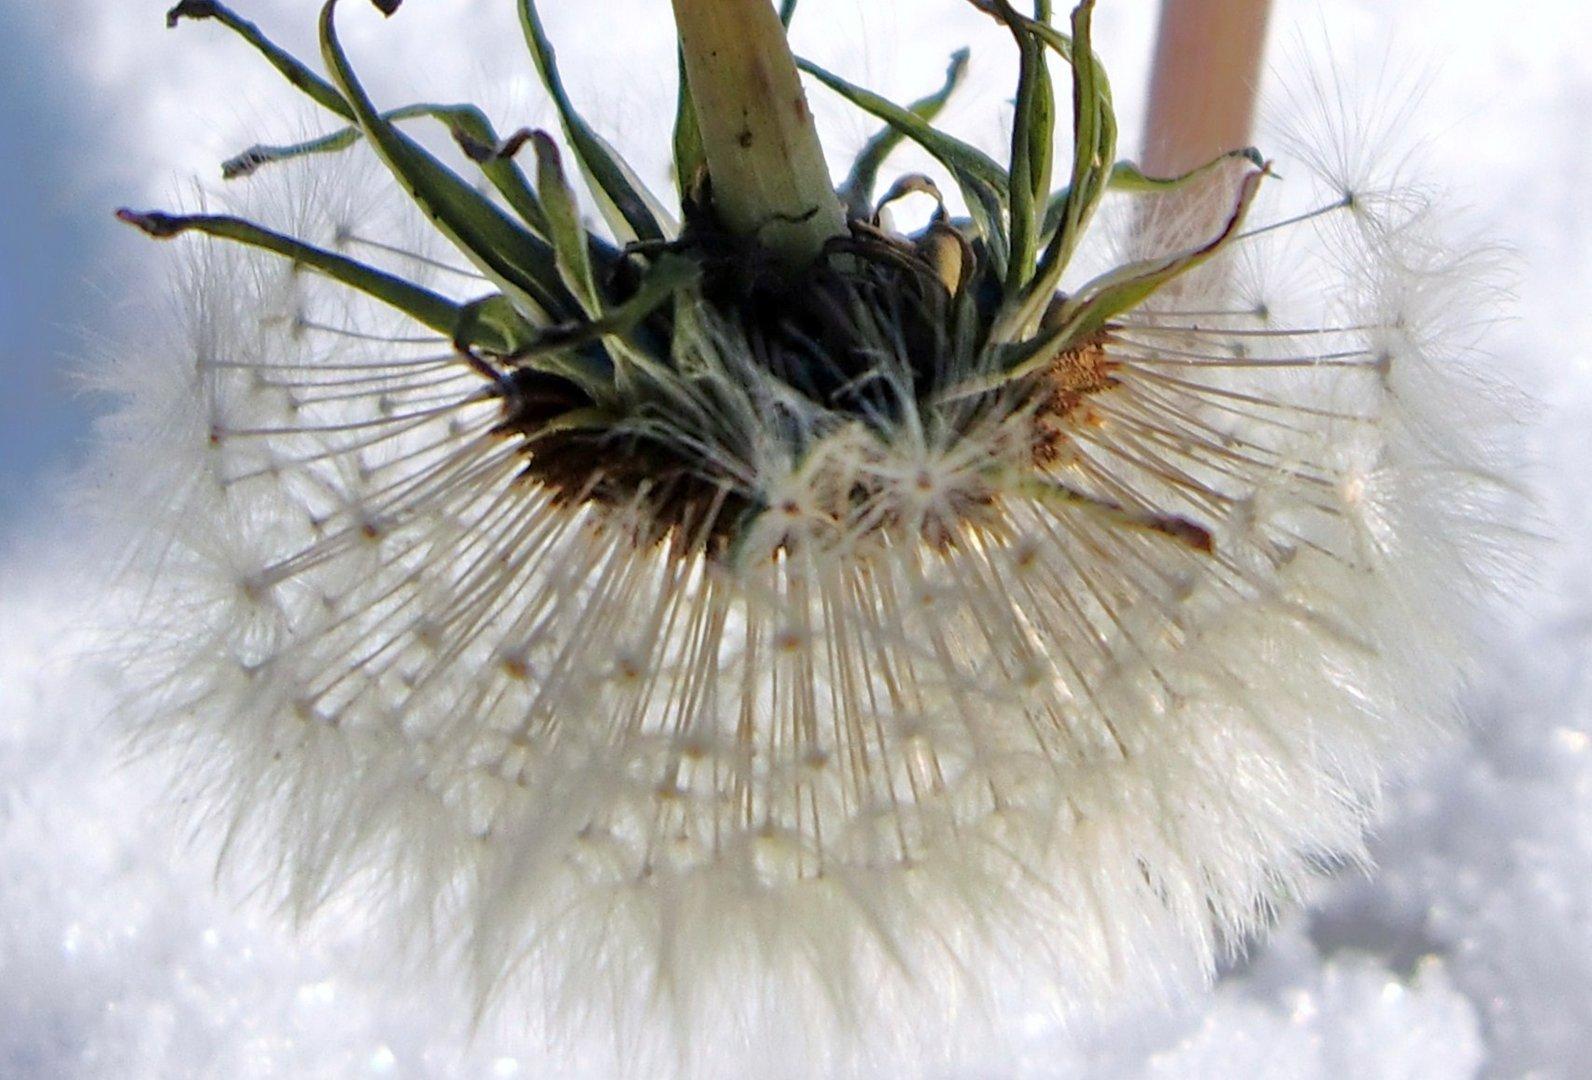 Dandelion in the snow.